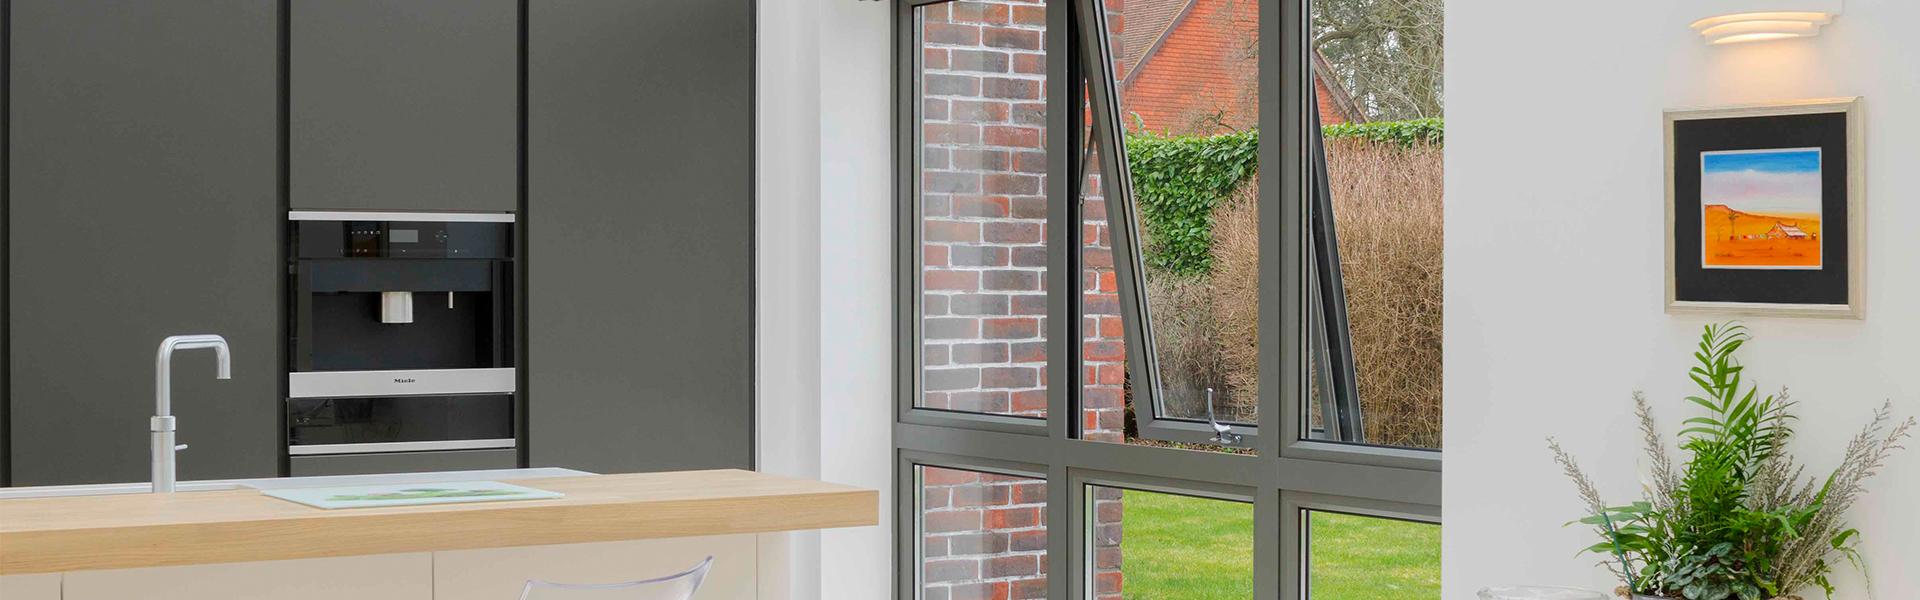 Aluminium Windows Prices Dorset